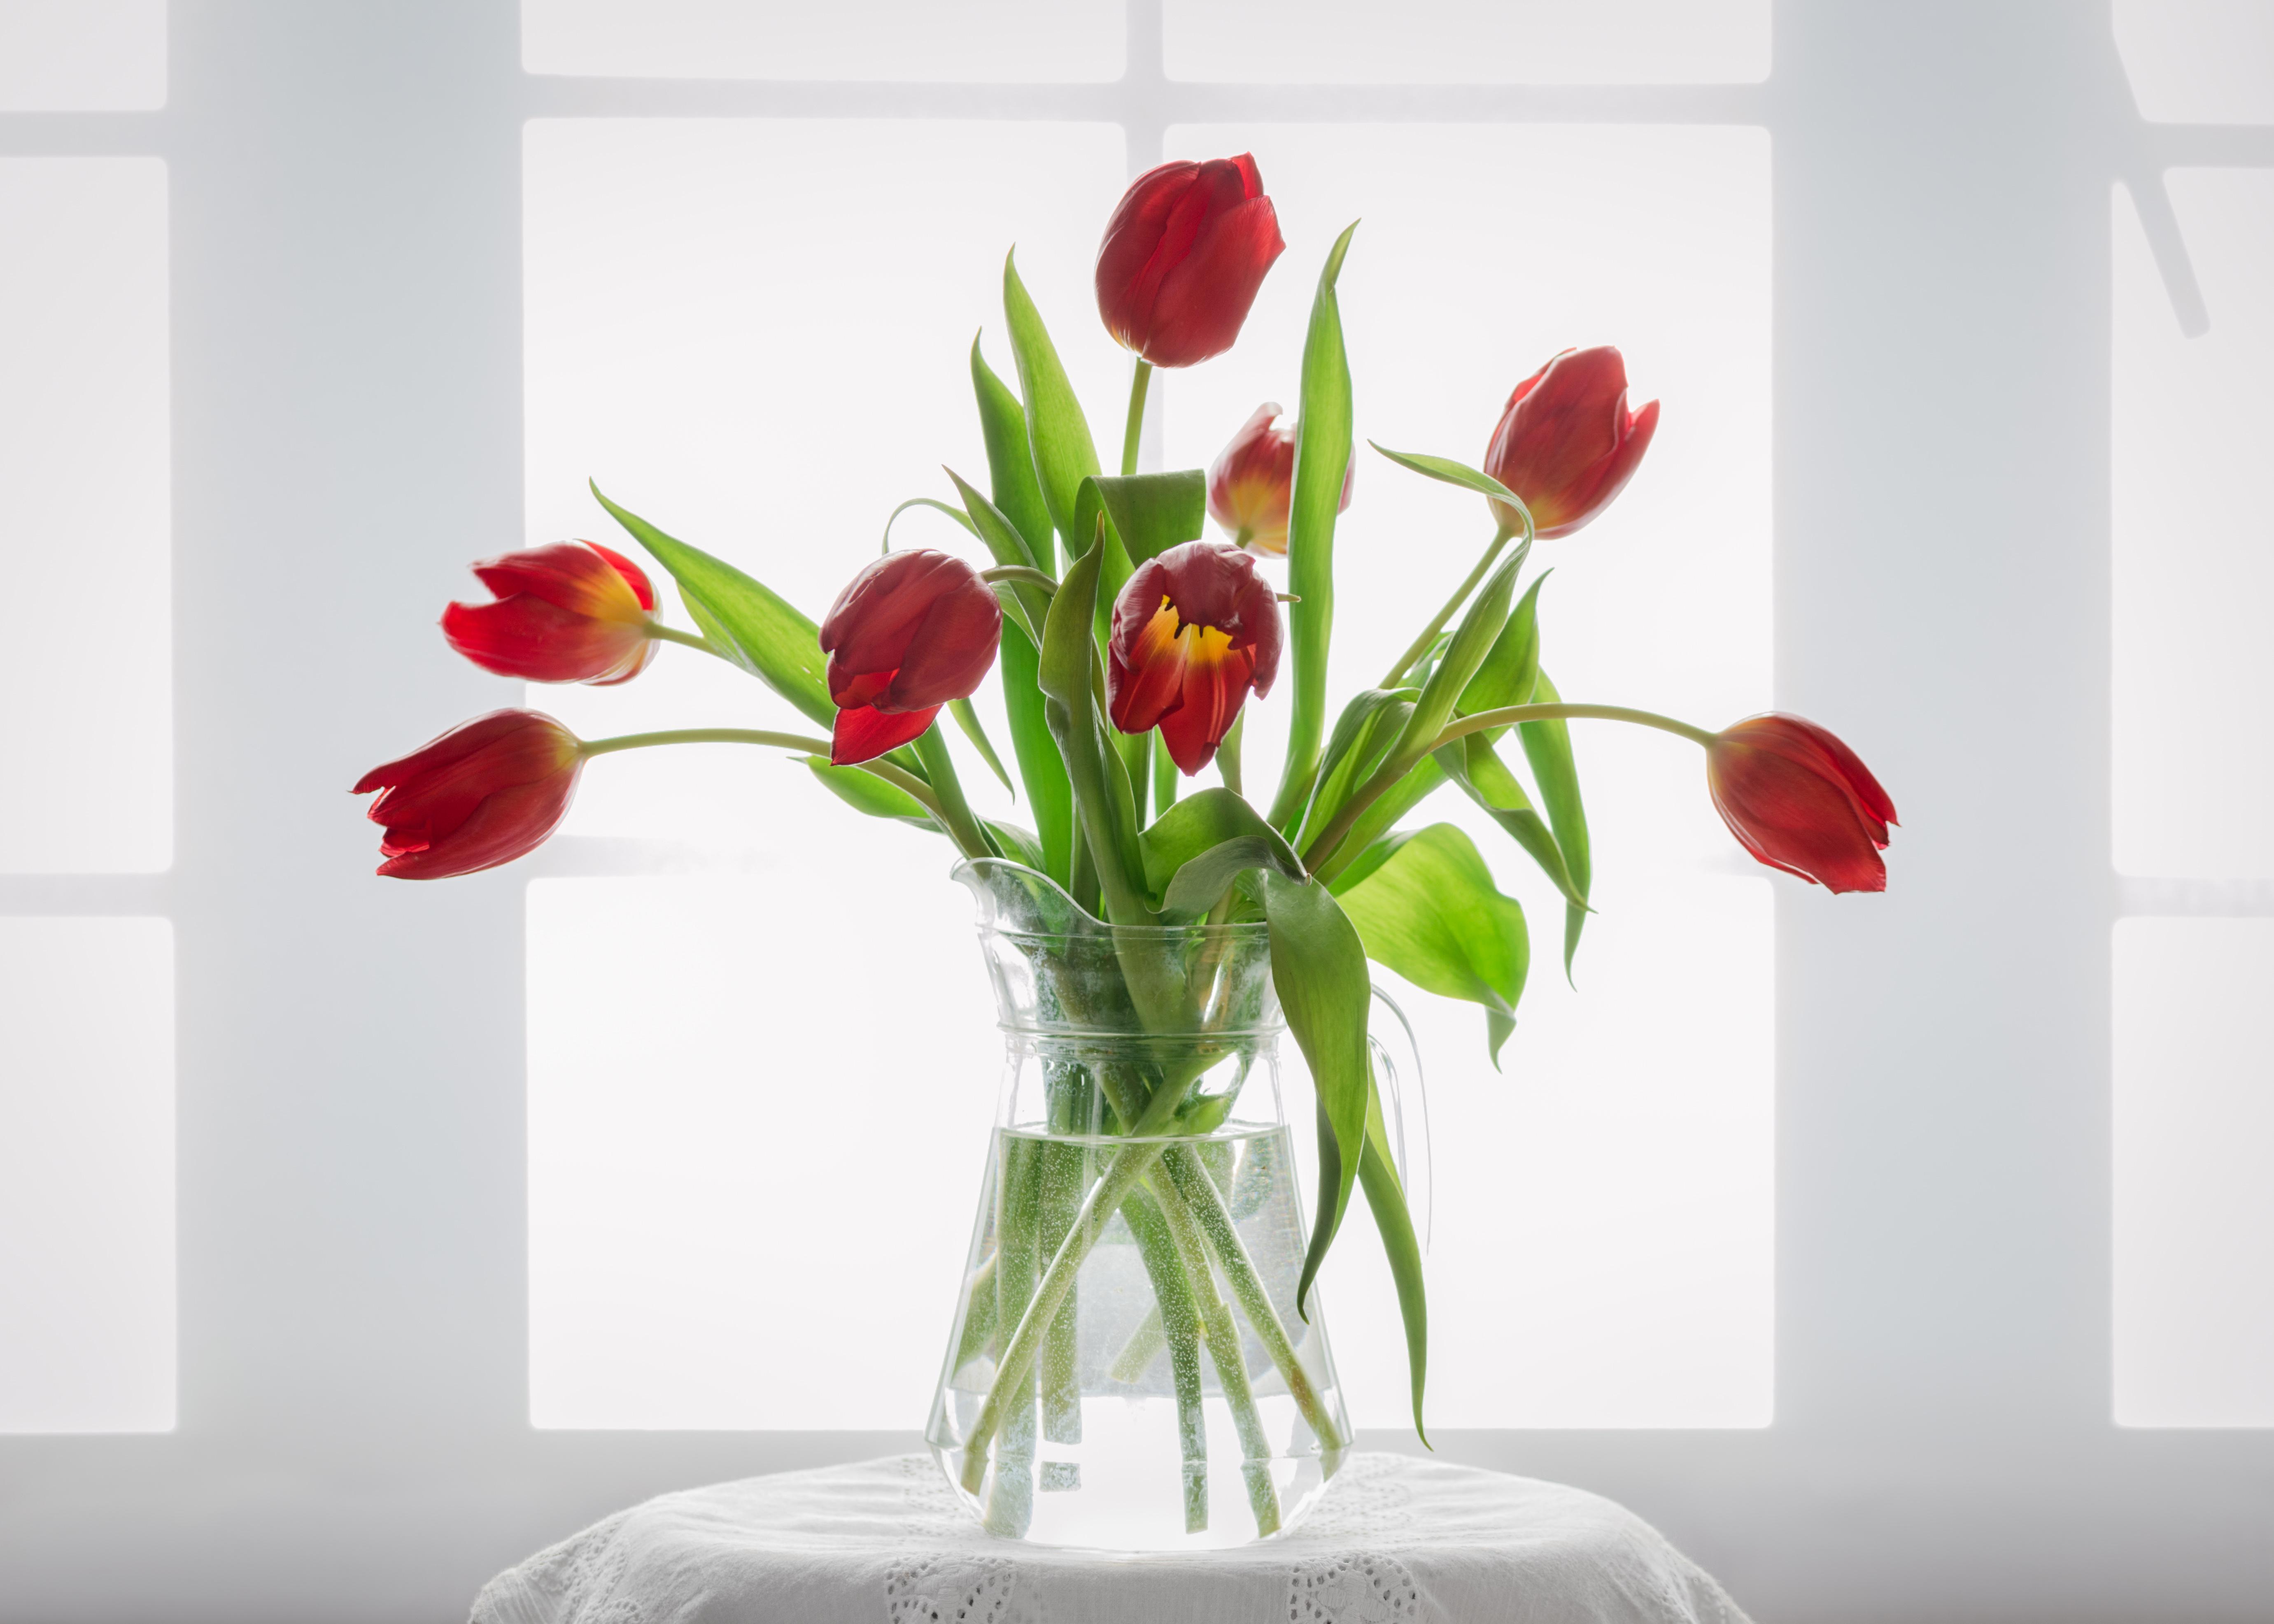 Sfondi bianca finestra rosso tulipani bicchiere pizzo vaso di fiori tulipano highkey - Tagliare vetro finestra ...